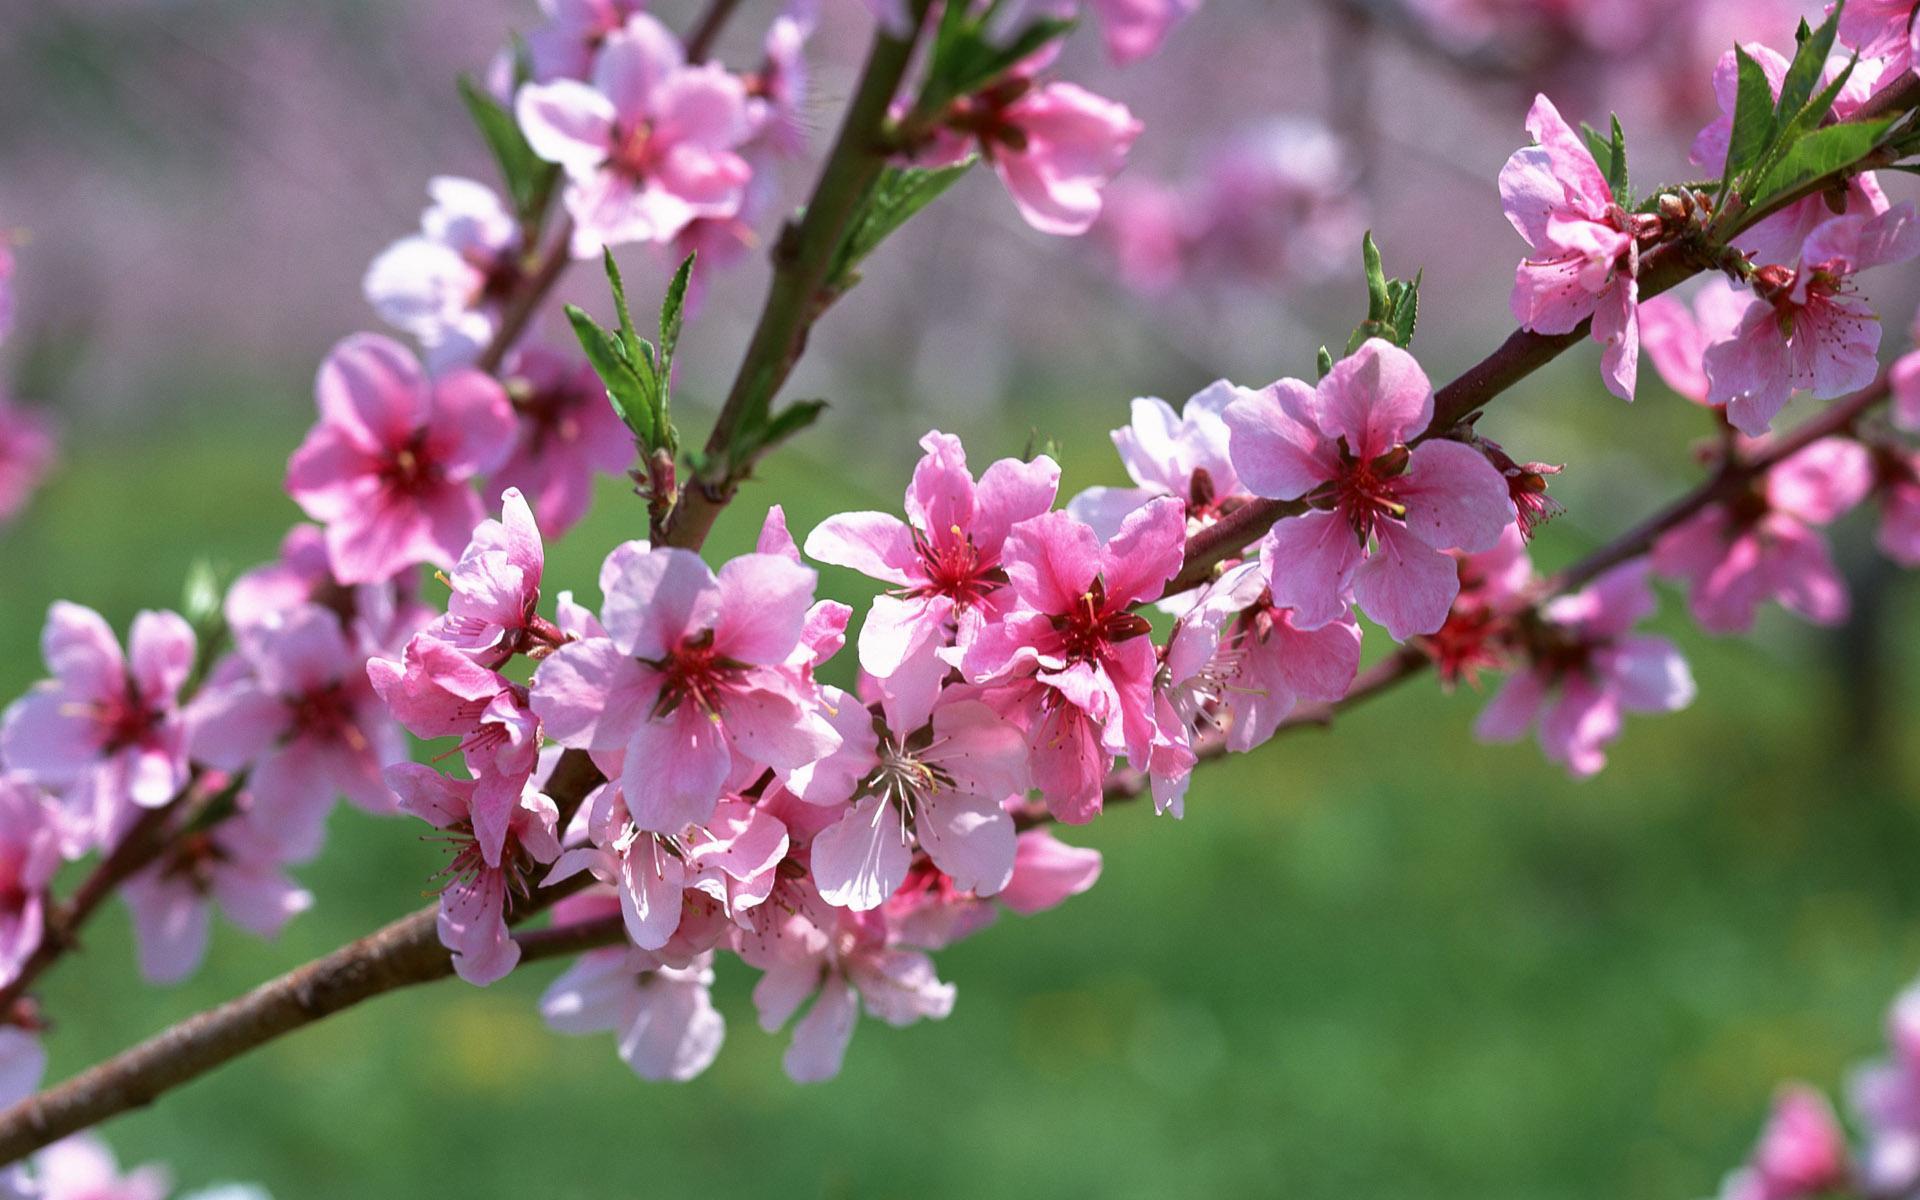 Цветы ветка розовый абрикос весна